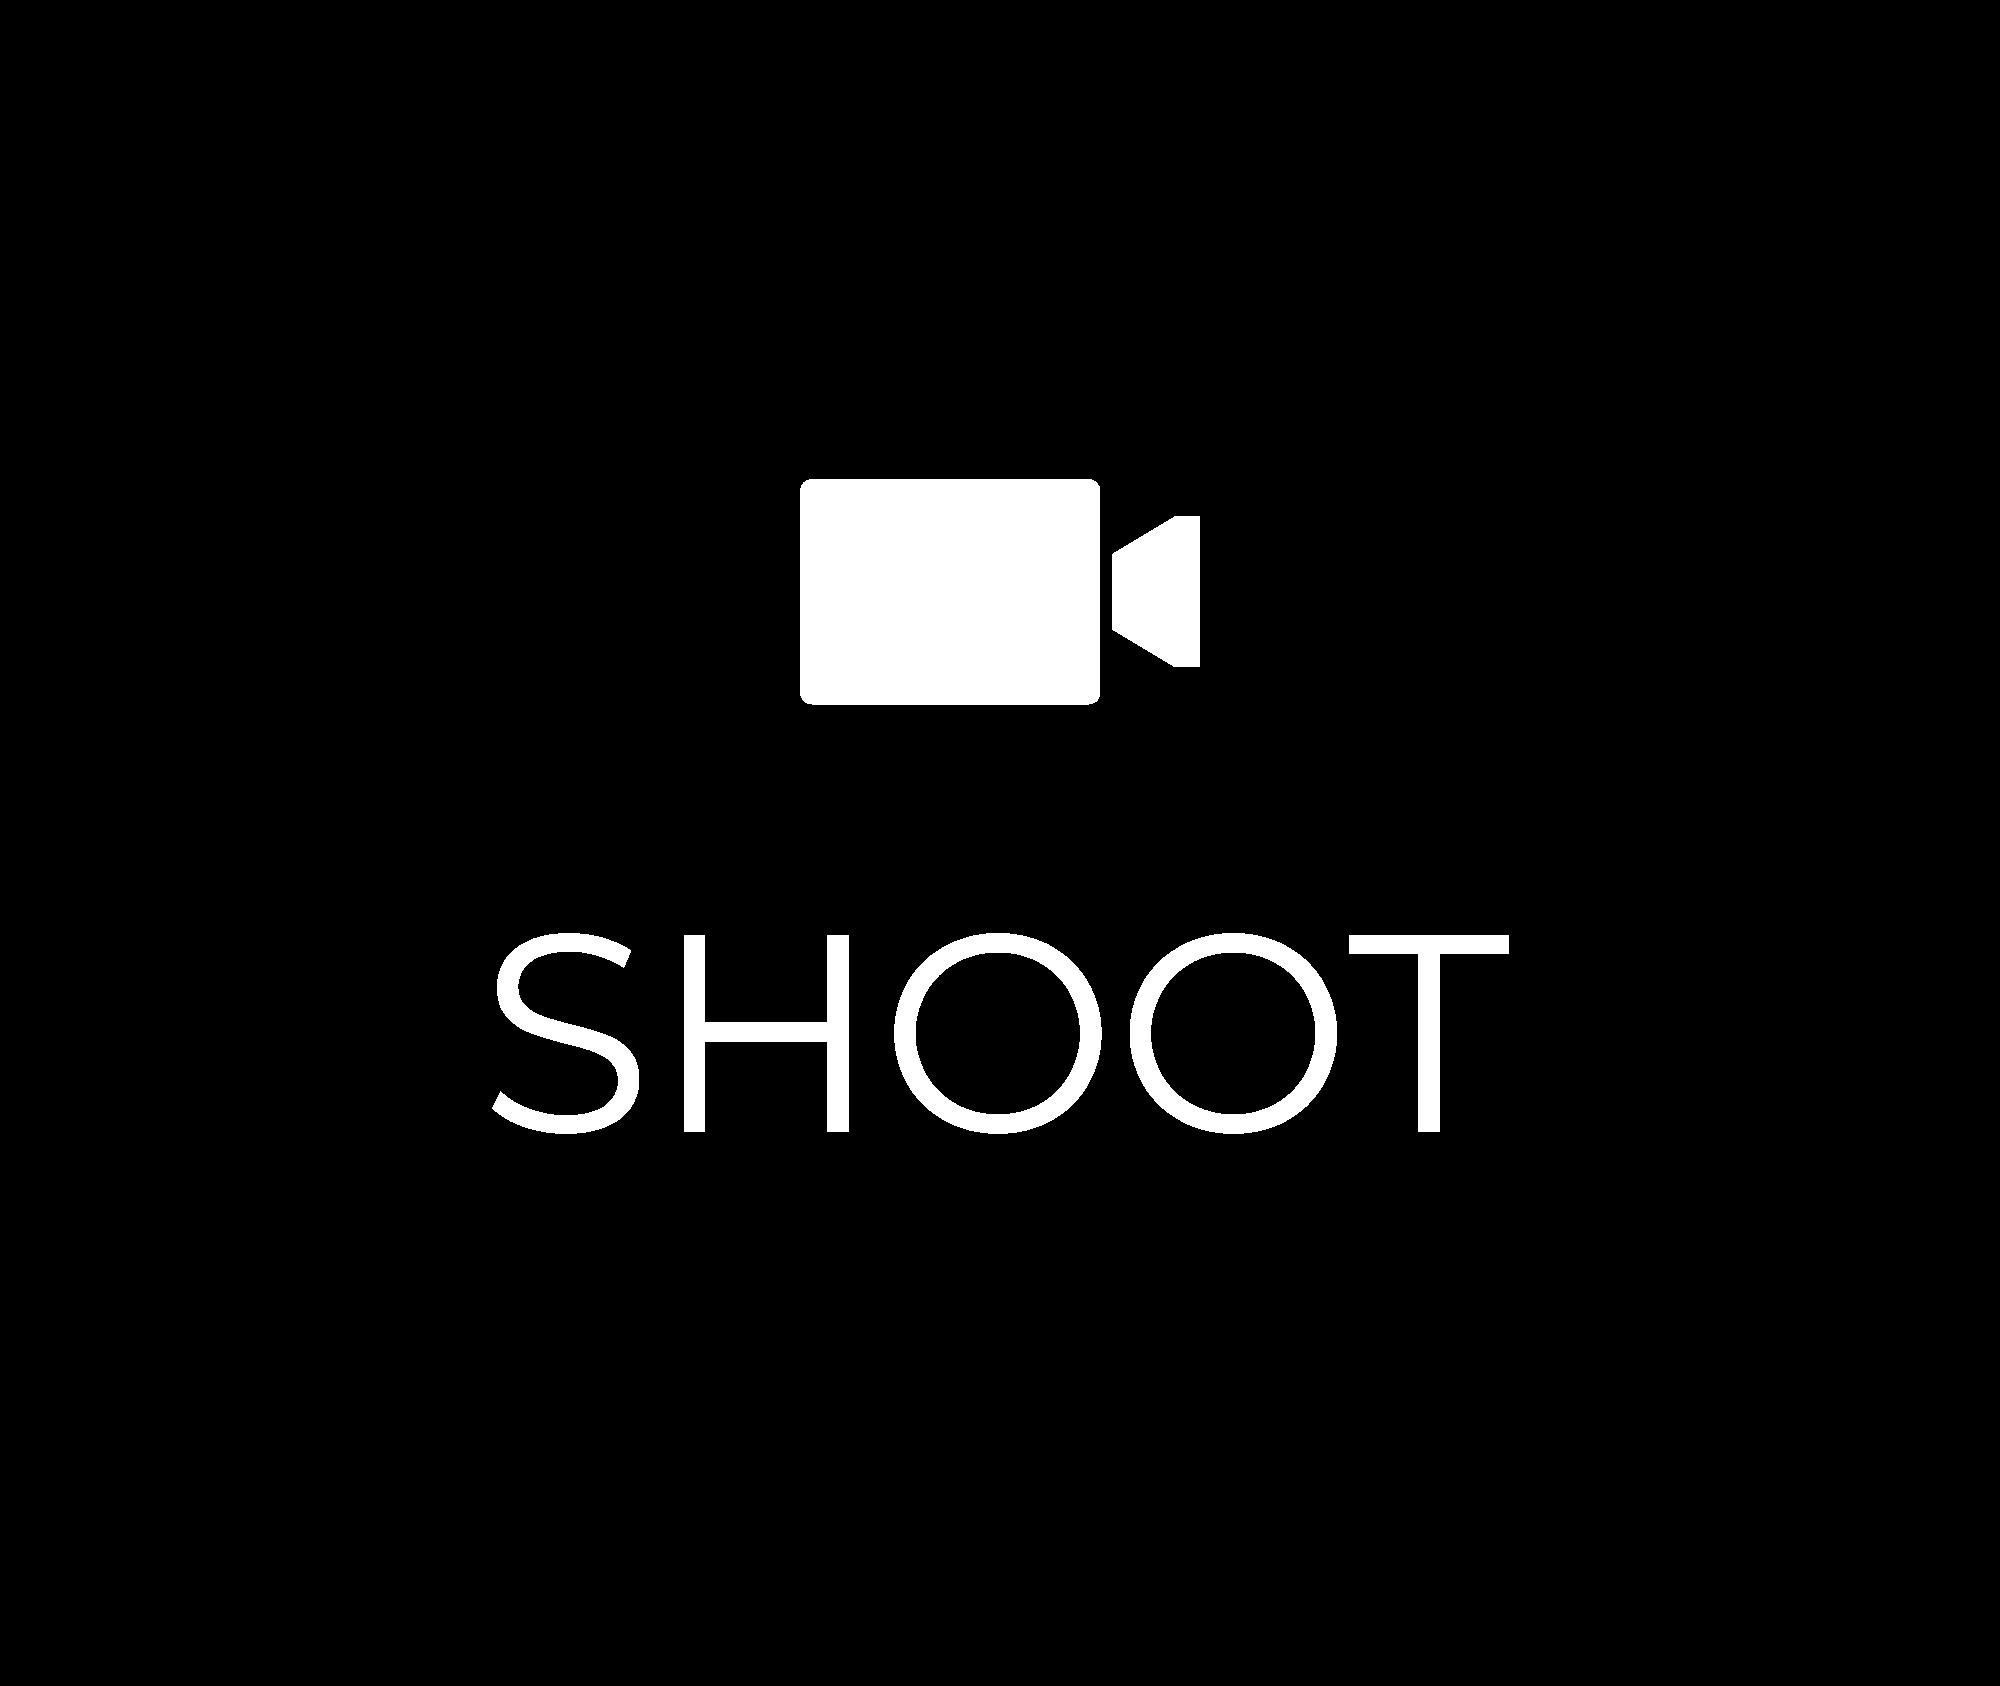 shootlogo.png